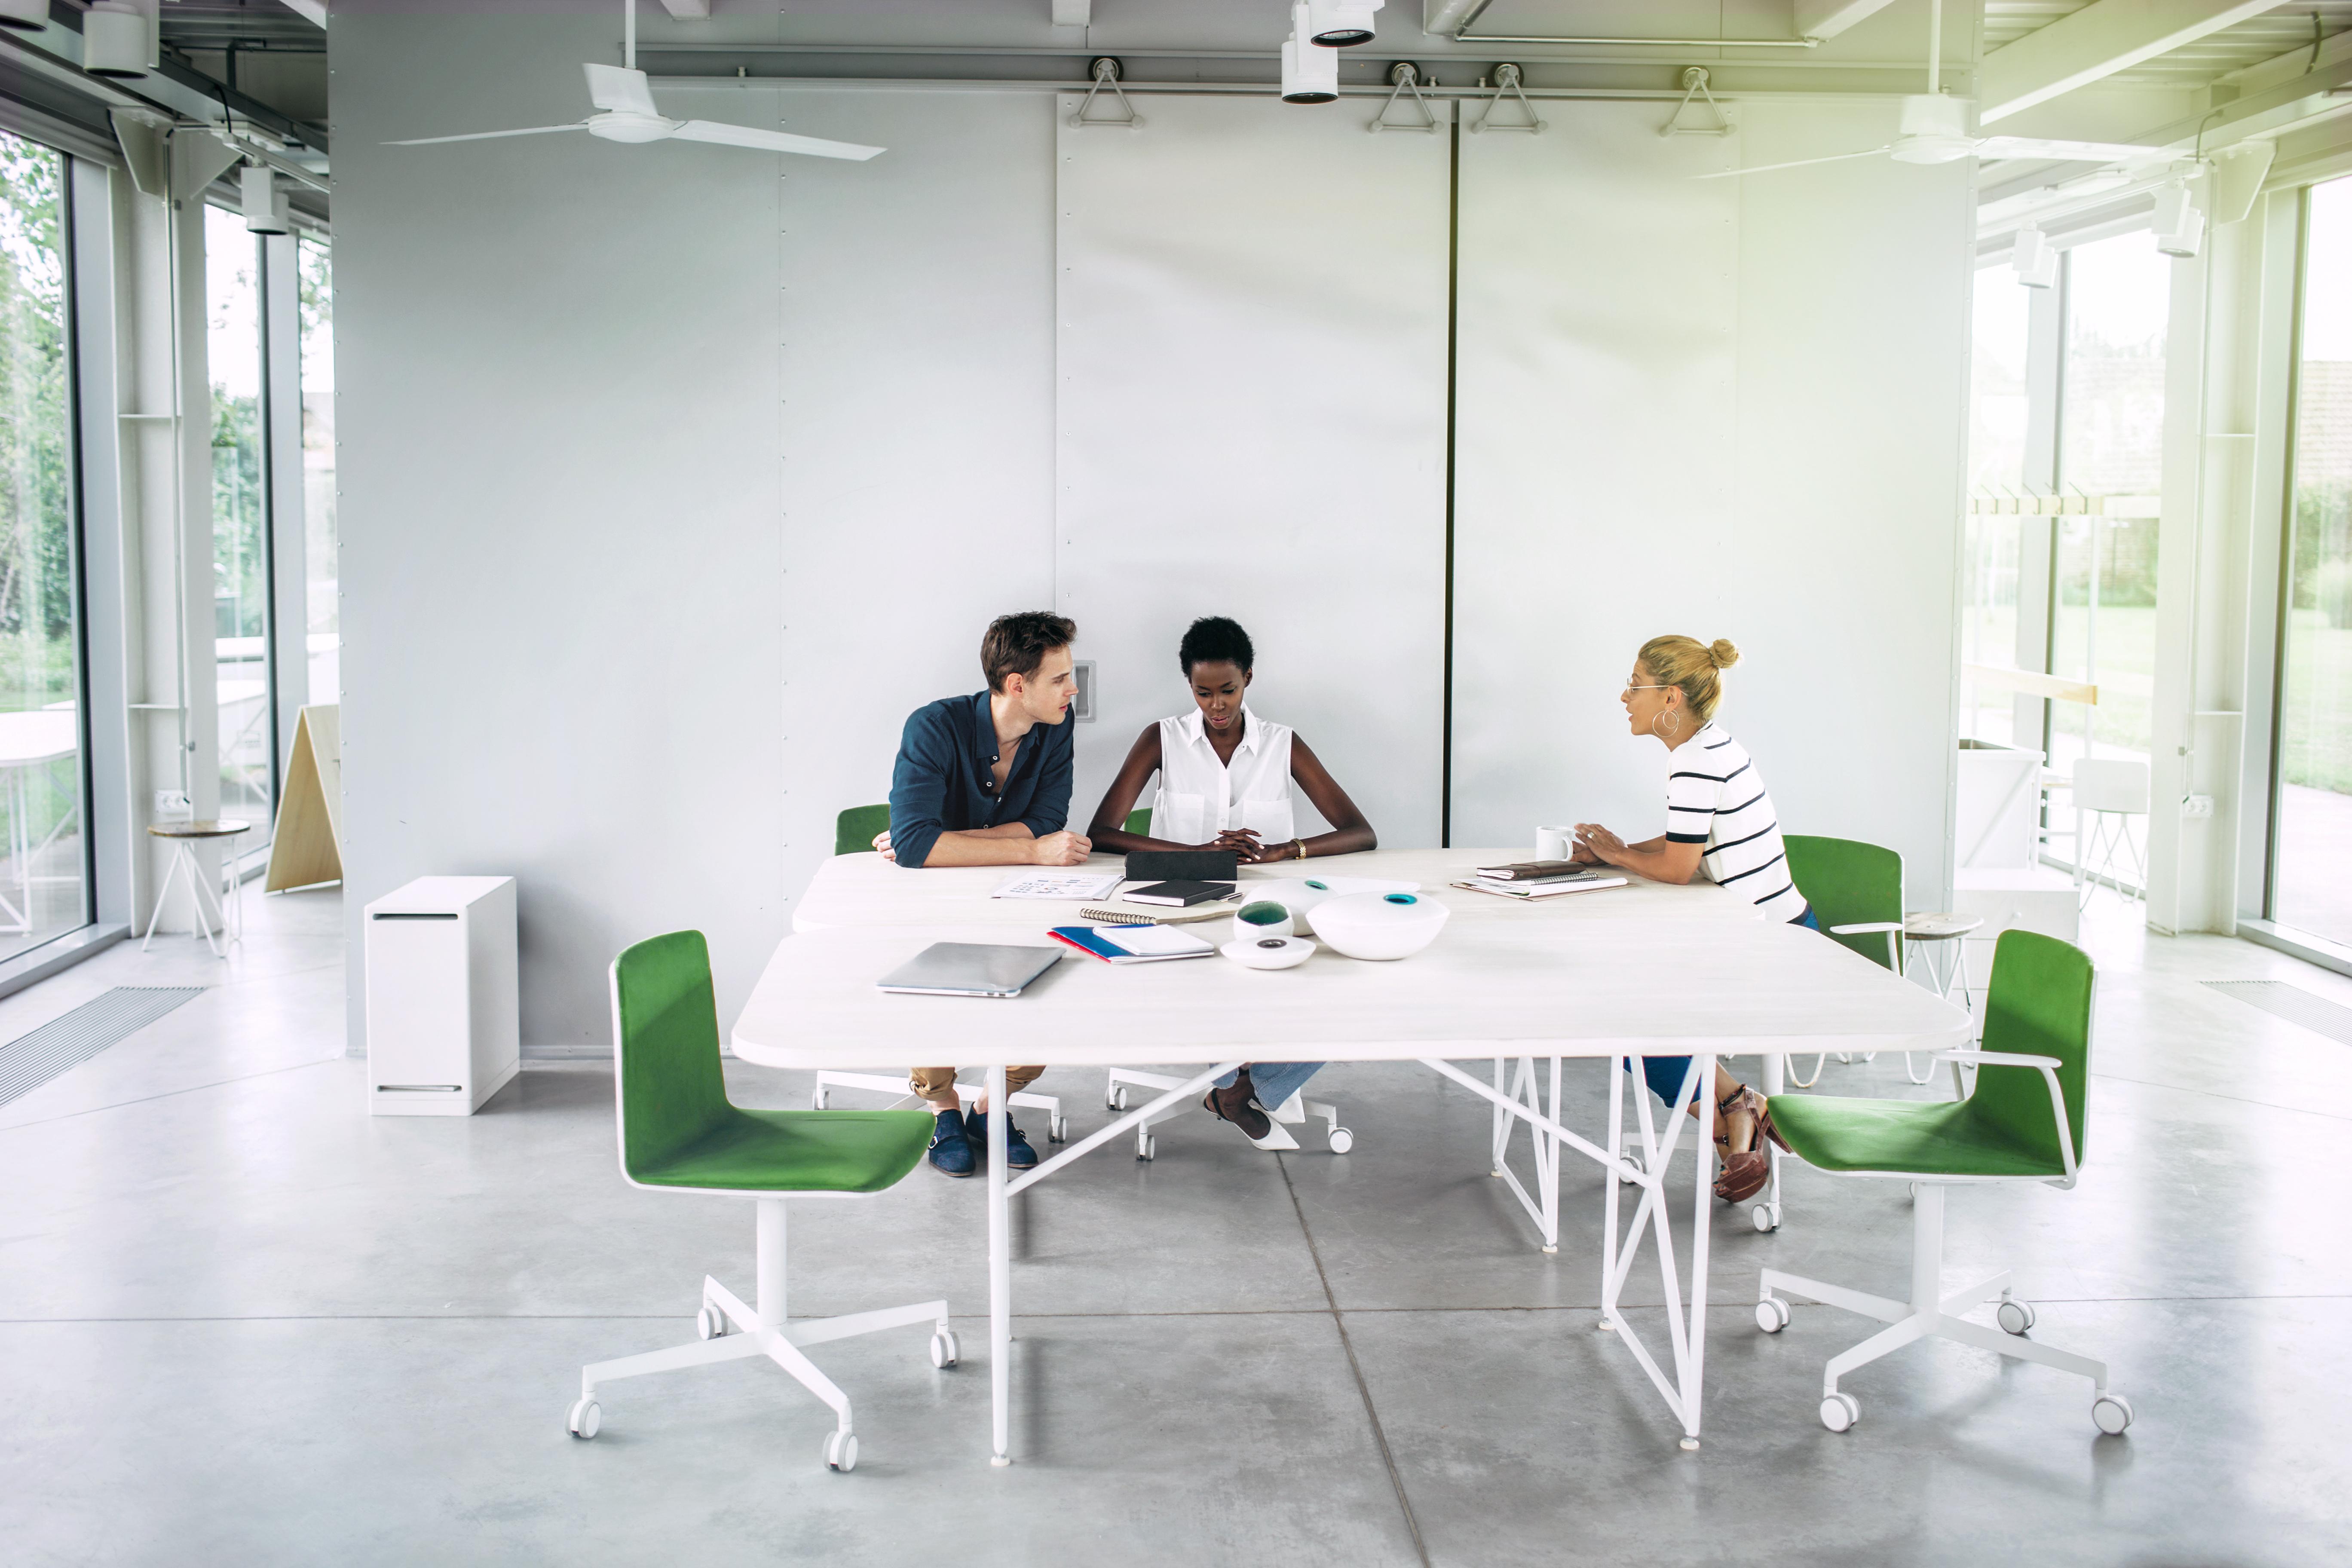 Deze drie ondernemers zetten hun zakelijk krediet in voor groei